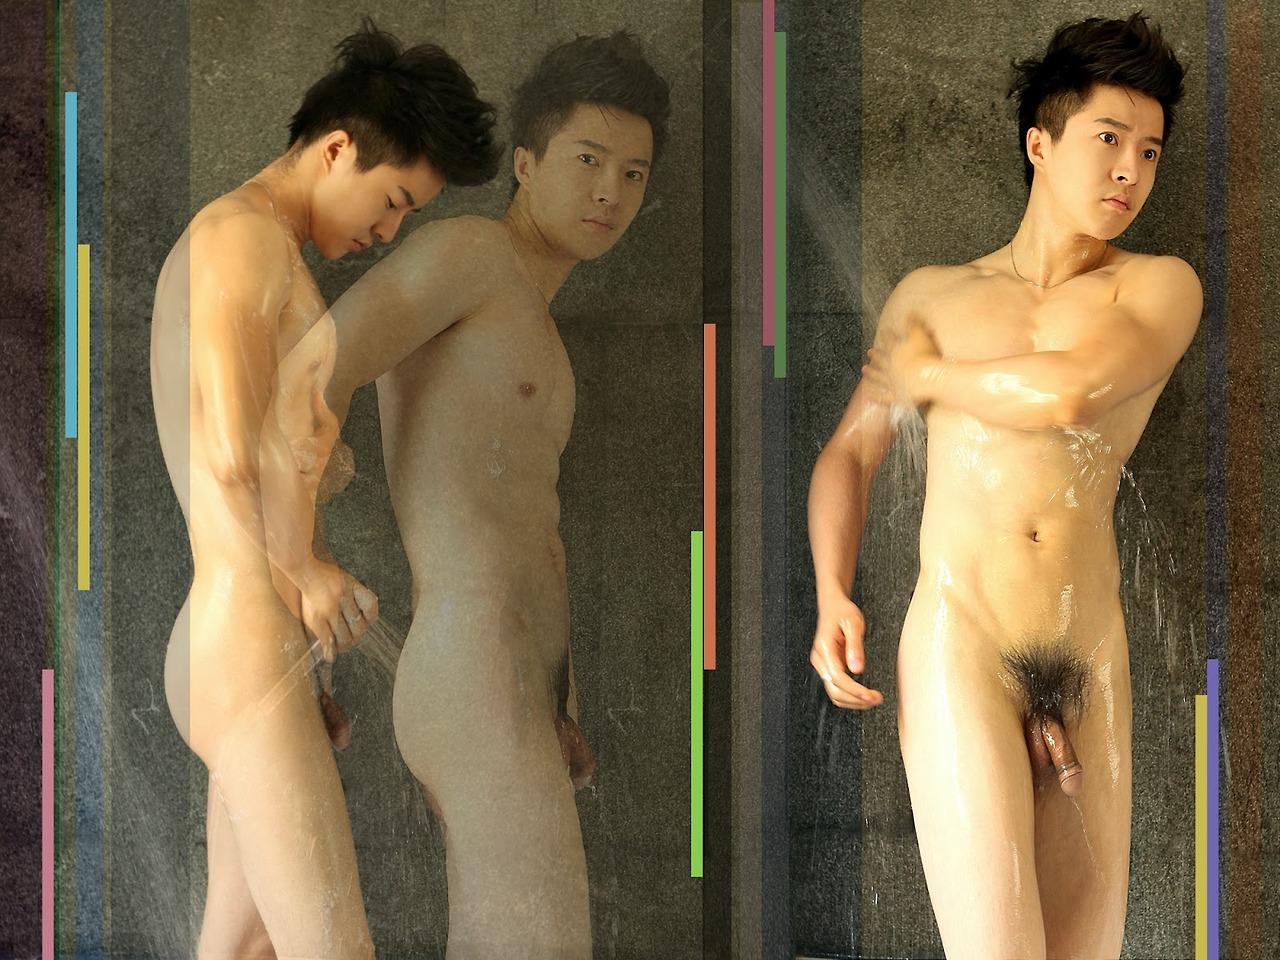 Teen boy gay nude